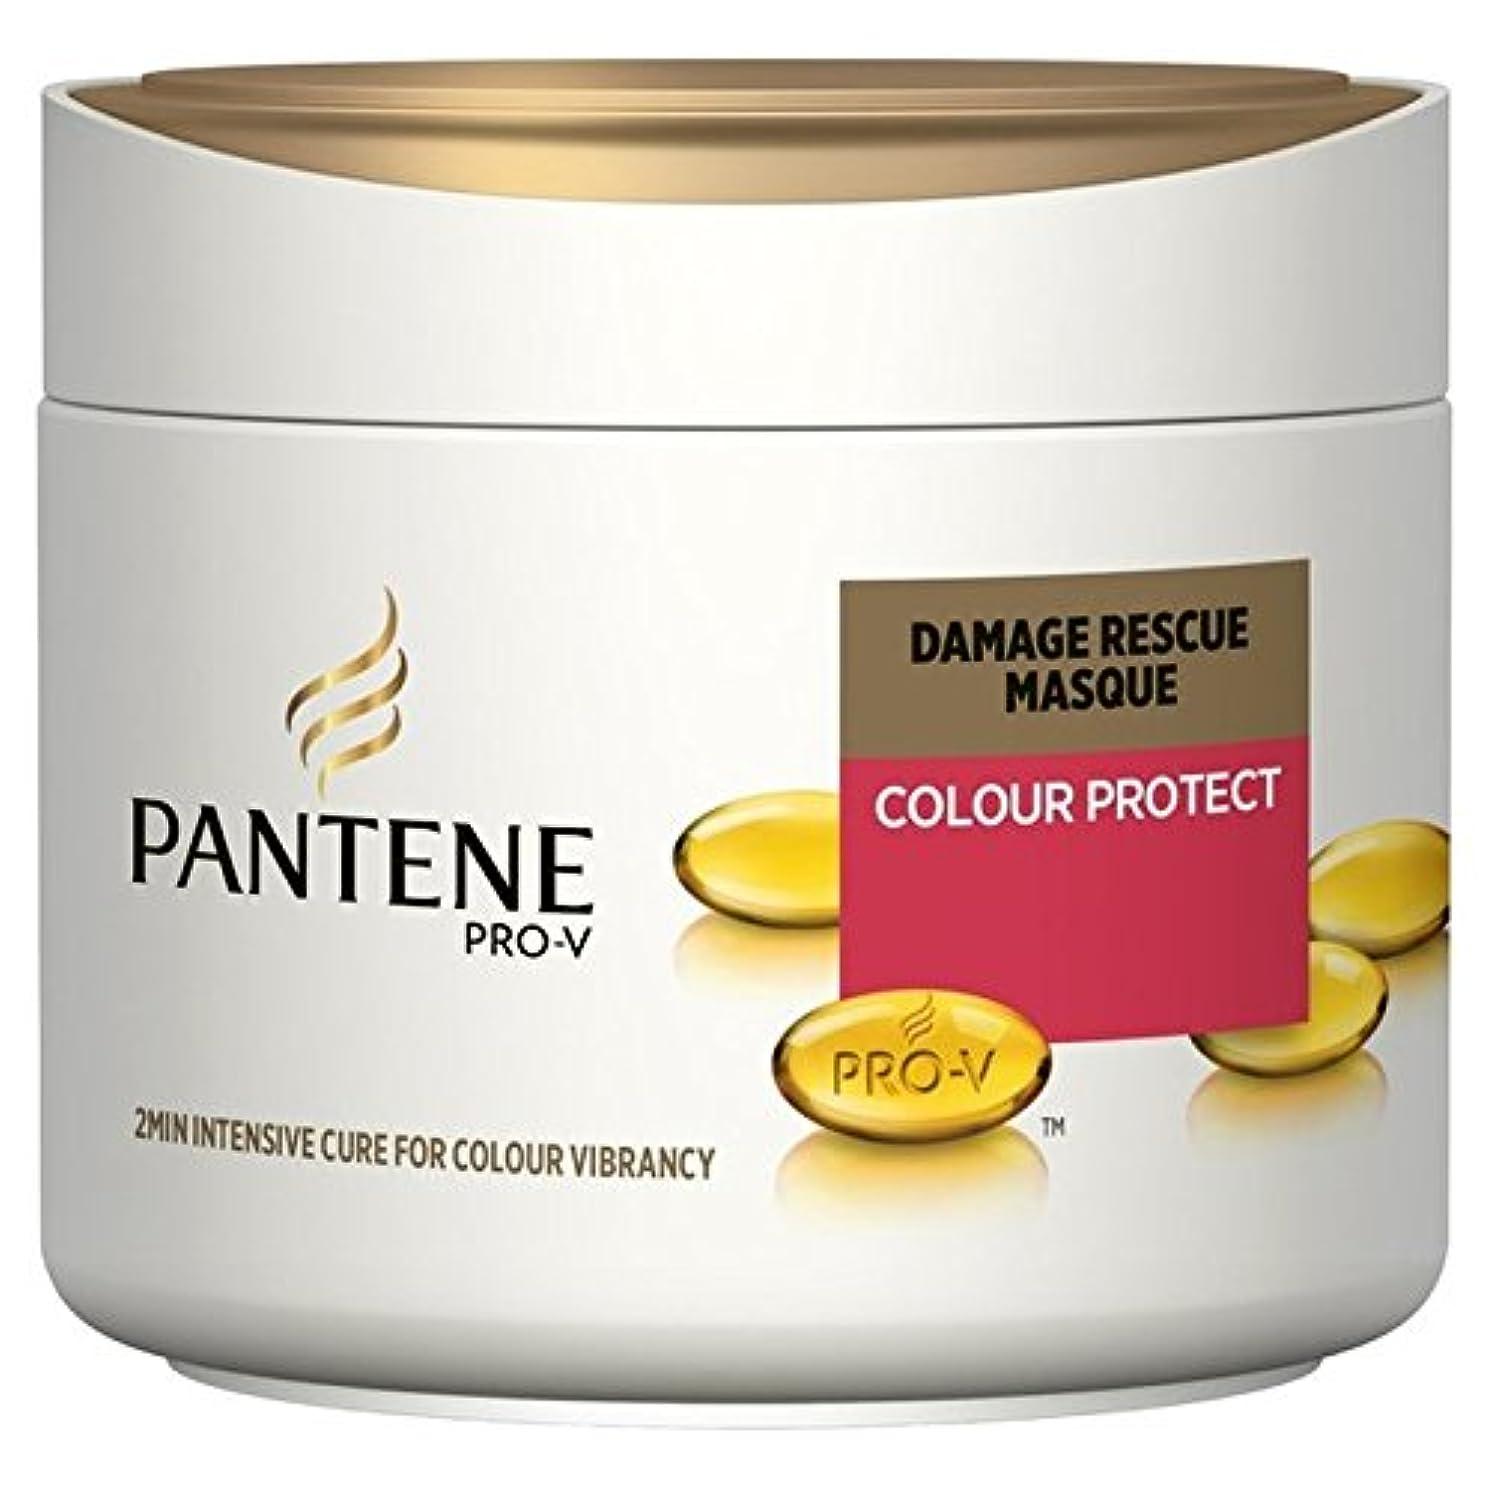 アレルギーにおい結婚したPantene 2min Colour Protect Damage Rescue Masque 300ml (Pack of 6) - パンテーンの2分の色が損傷レスキュー仮面の300ミリリットルを保護します x6 [並行輸入品]